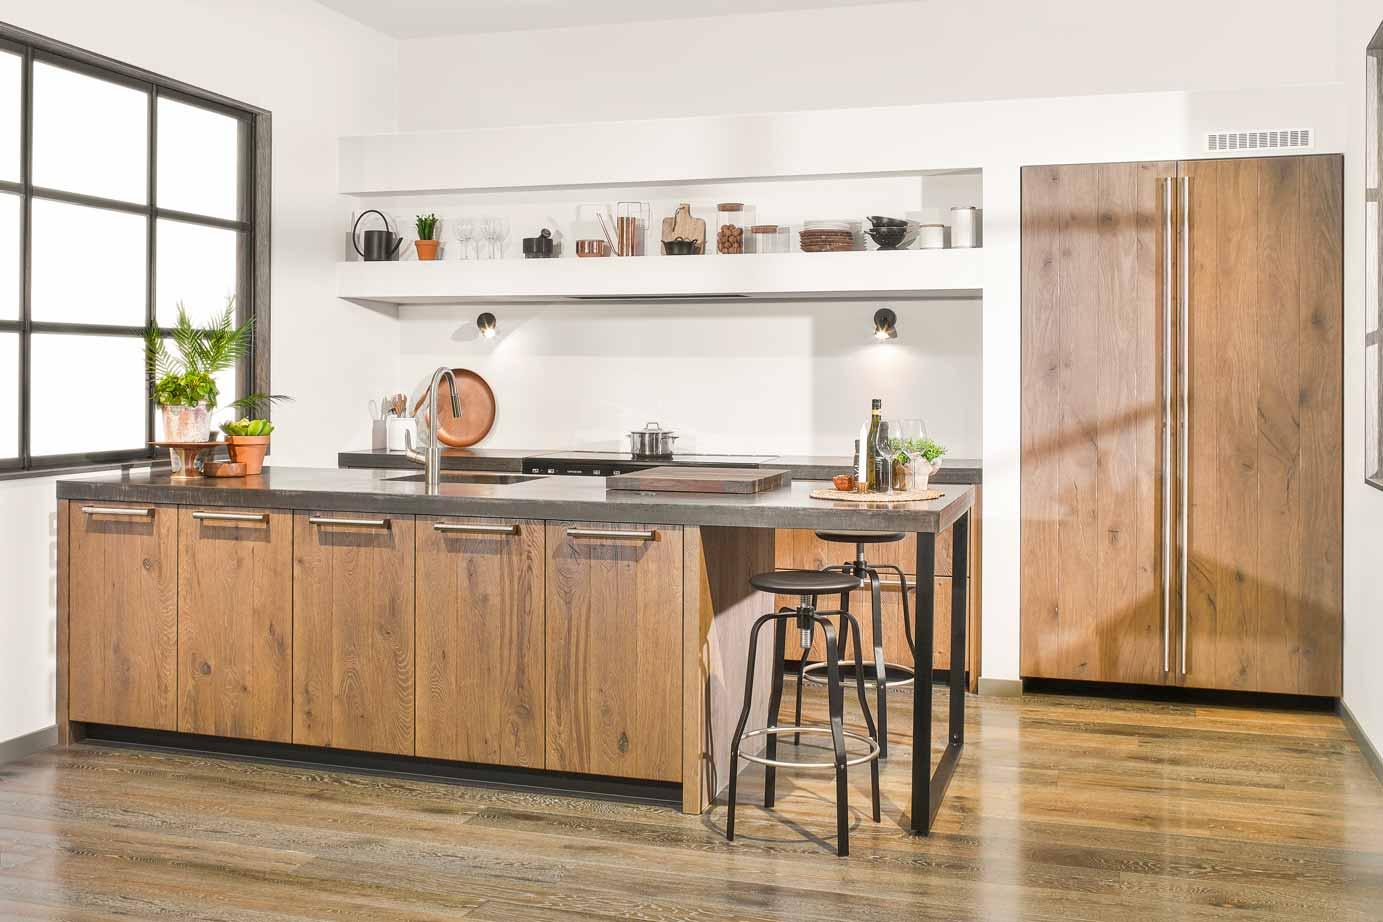 Massief Houten Keuken : Massief houten keuken kopen lees onze vol tips db keukens